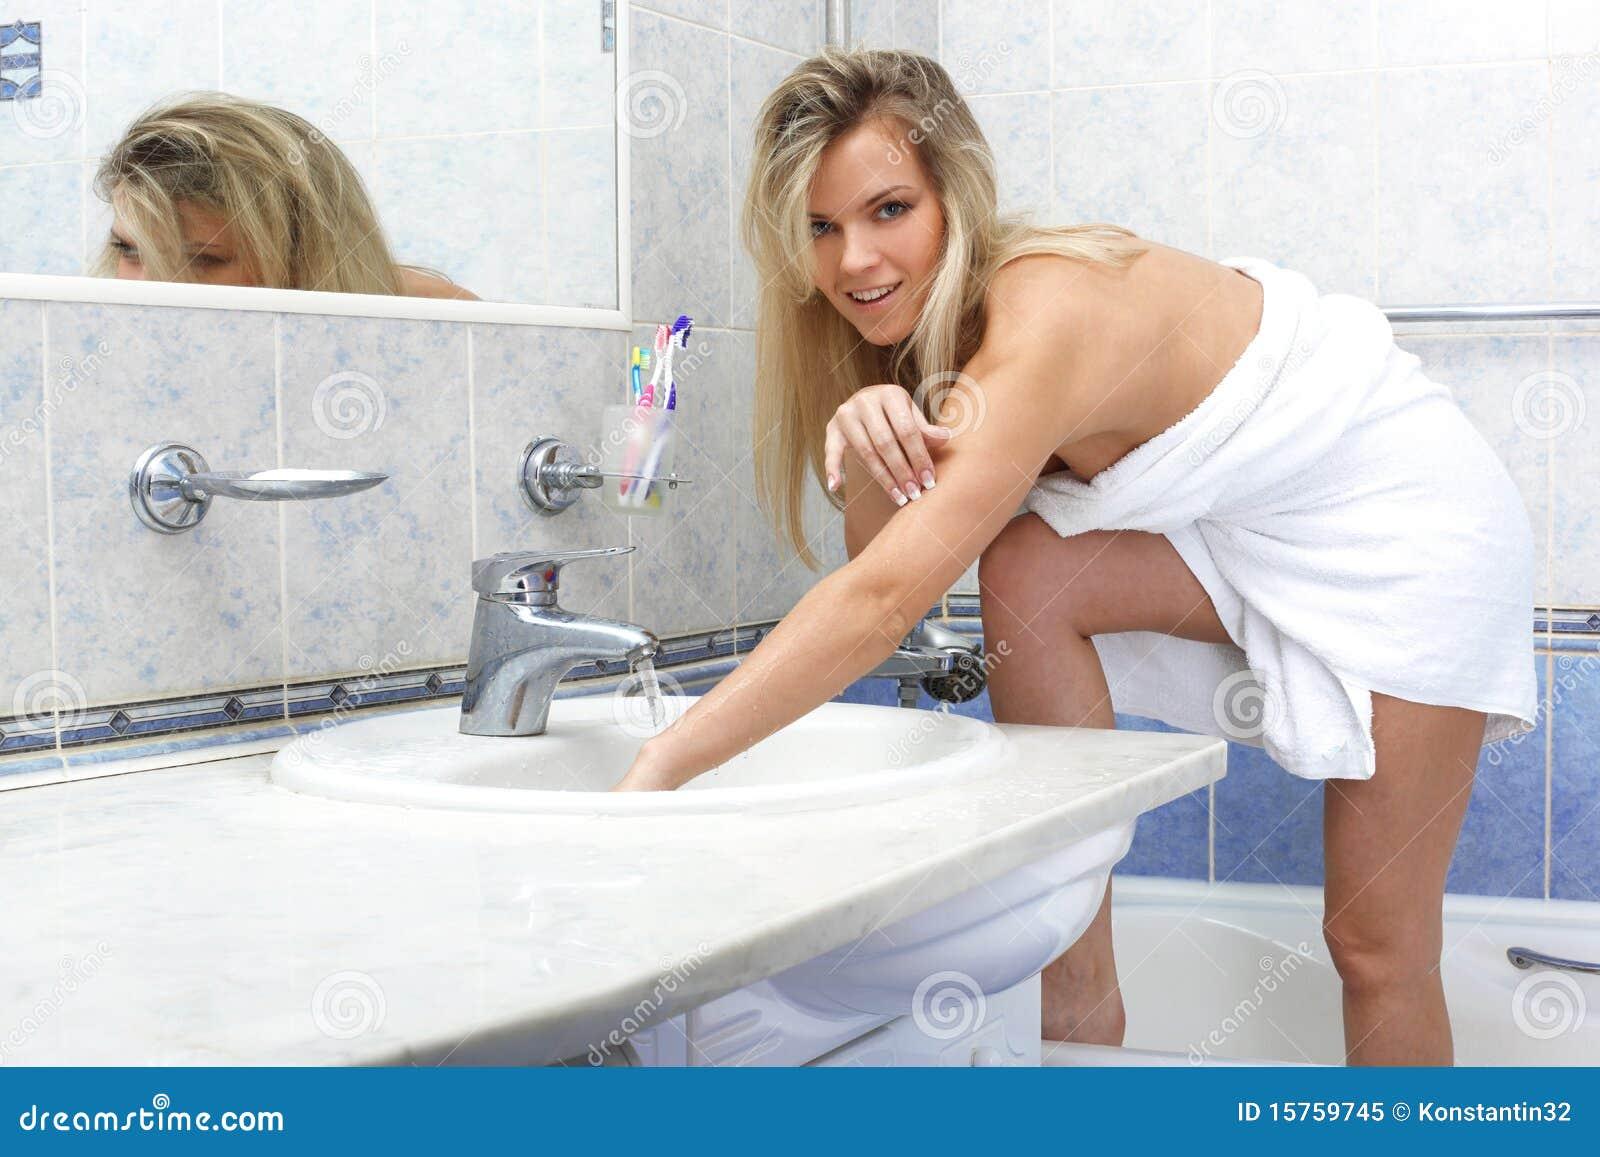 Молодая в ванной видео